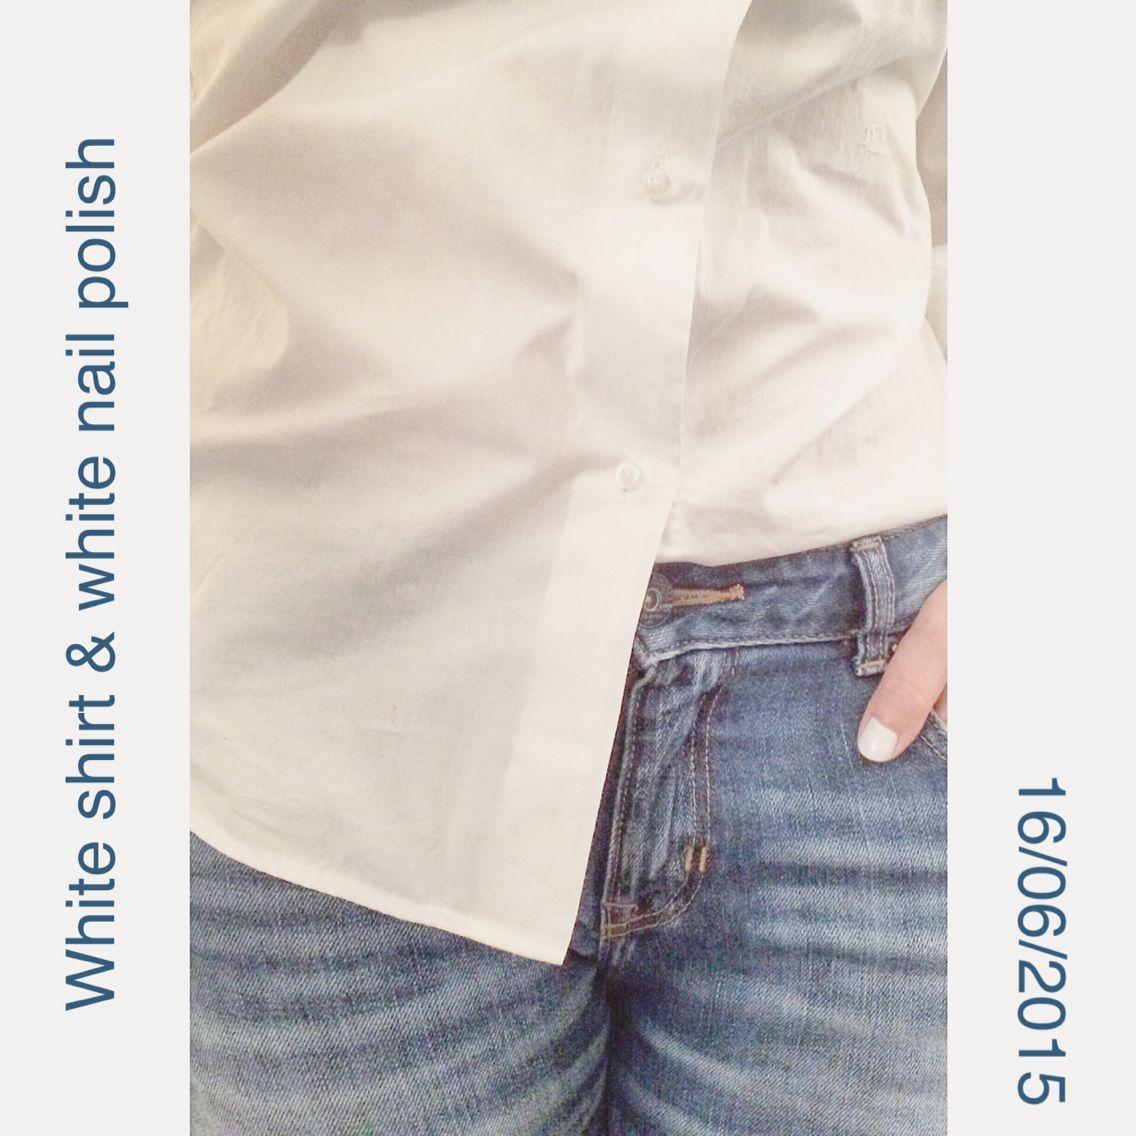 White shirt + white nail polish